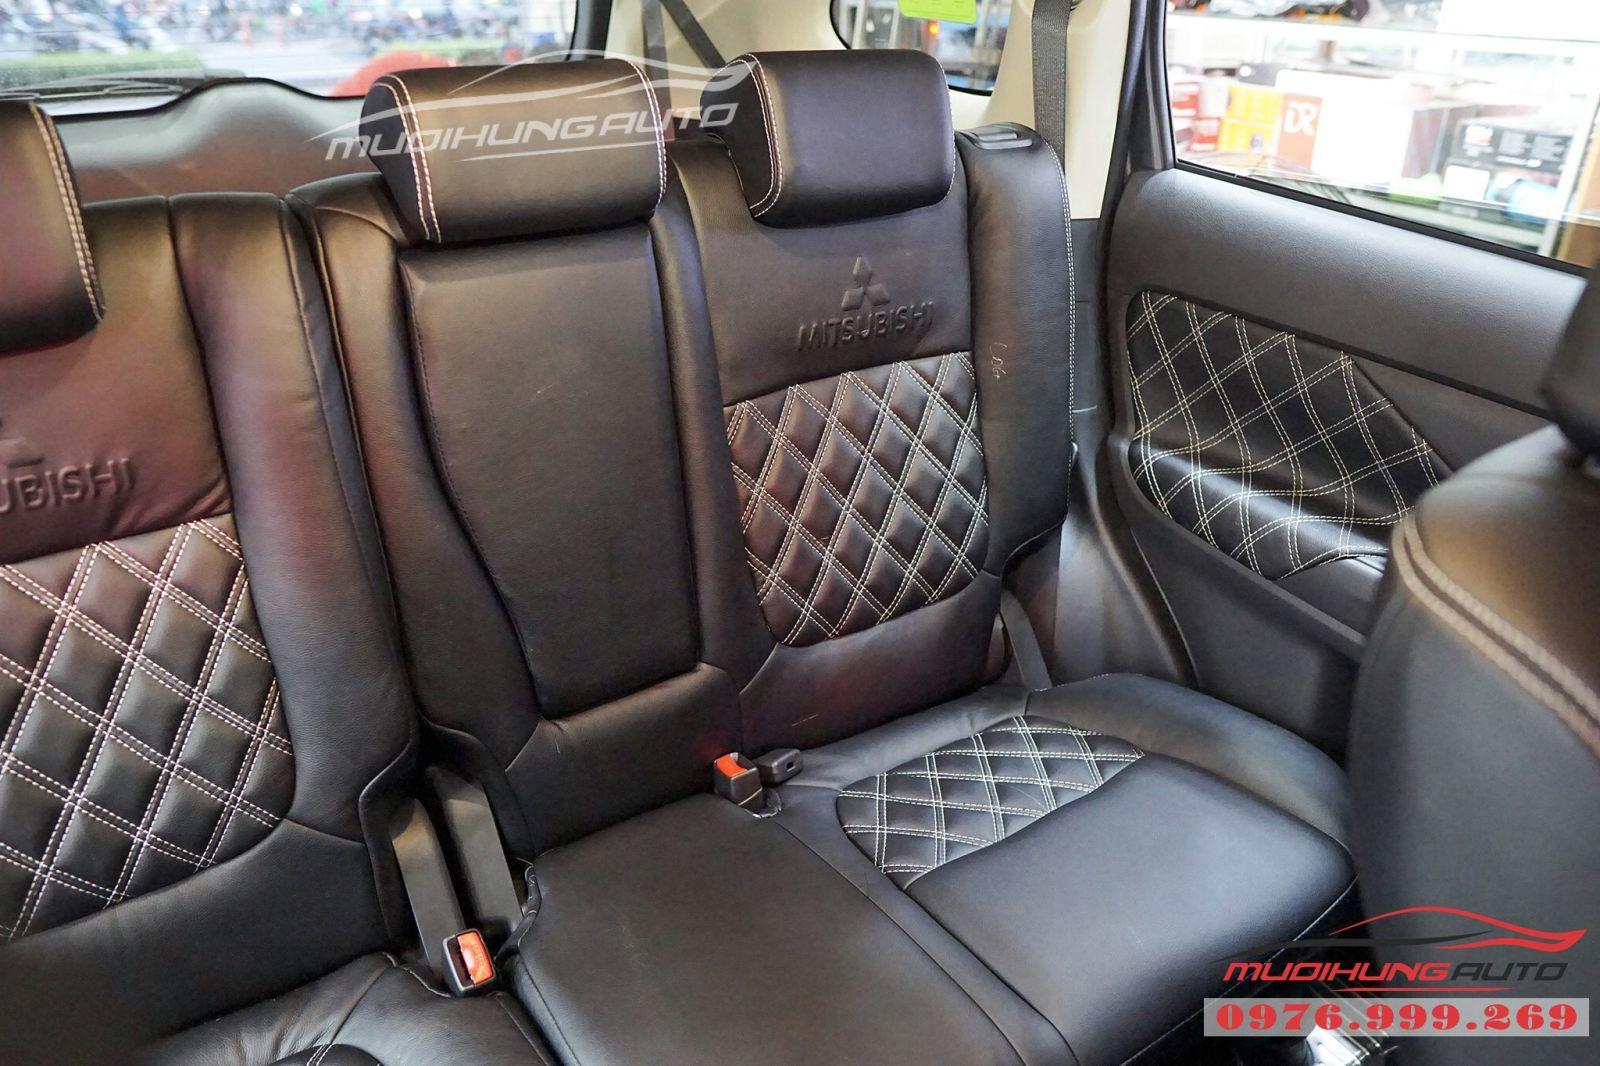 Mitsubishi Outlander bọc ghế cao cấp giá rẻ tại TPHCM 09